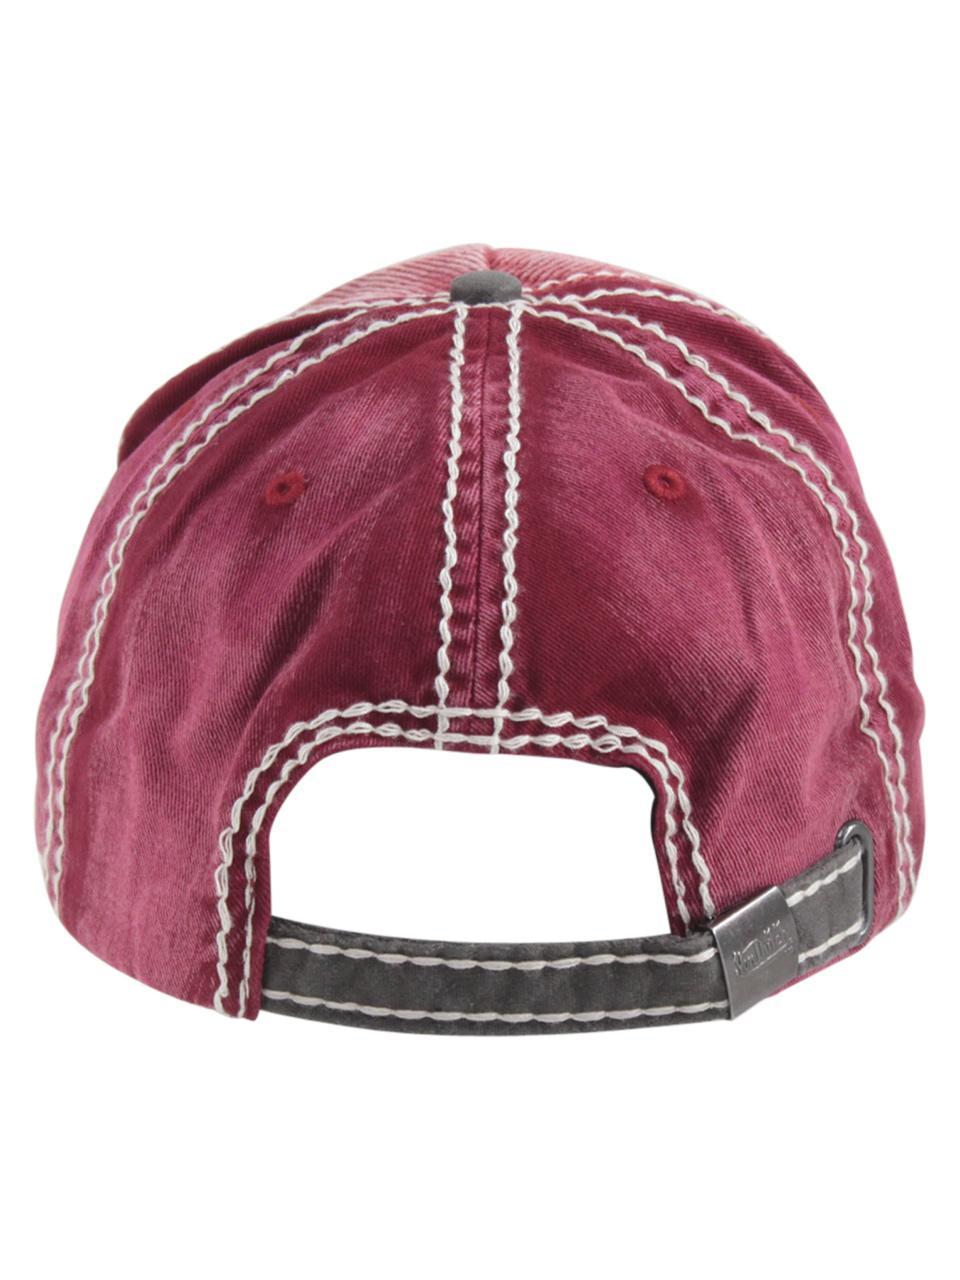 c35c13db326 Von Dutch Men s Corduroy California Logo Strapback Baseball Cap Hat by Von  Dutch